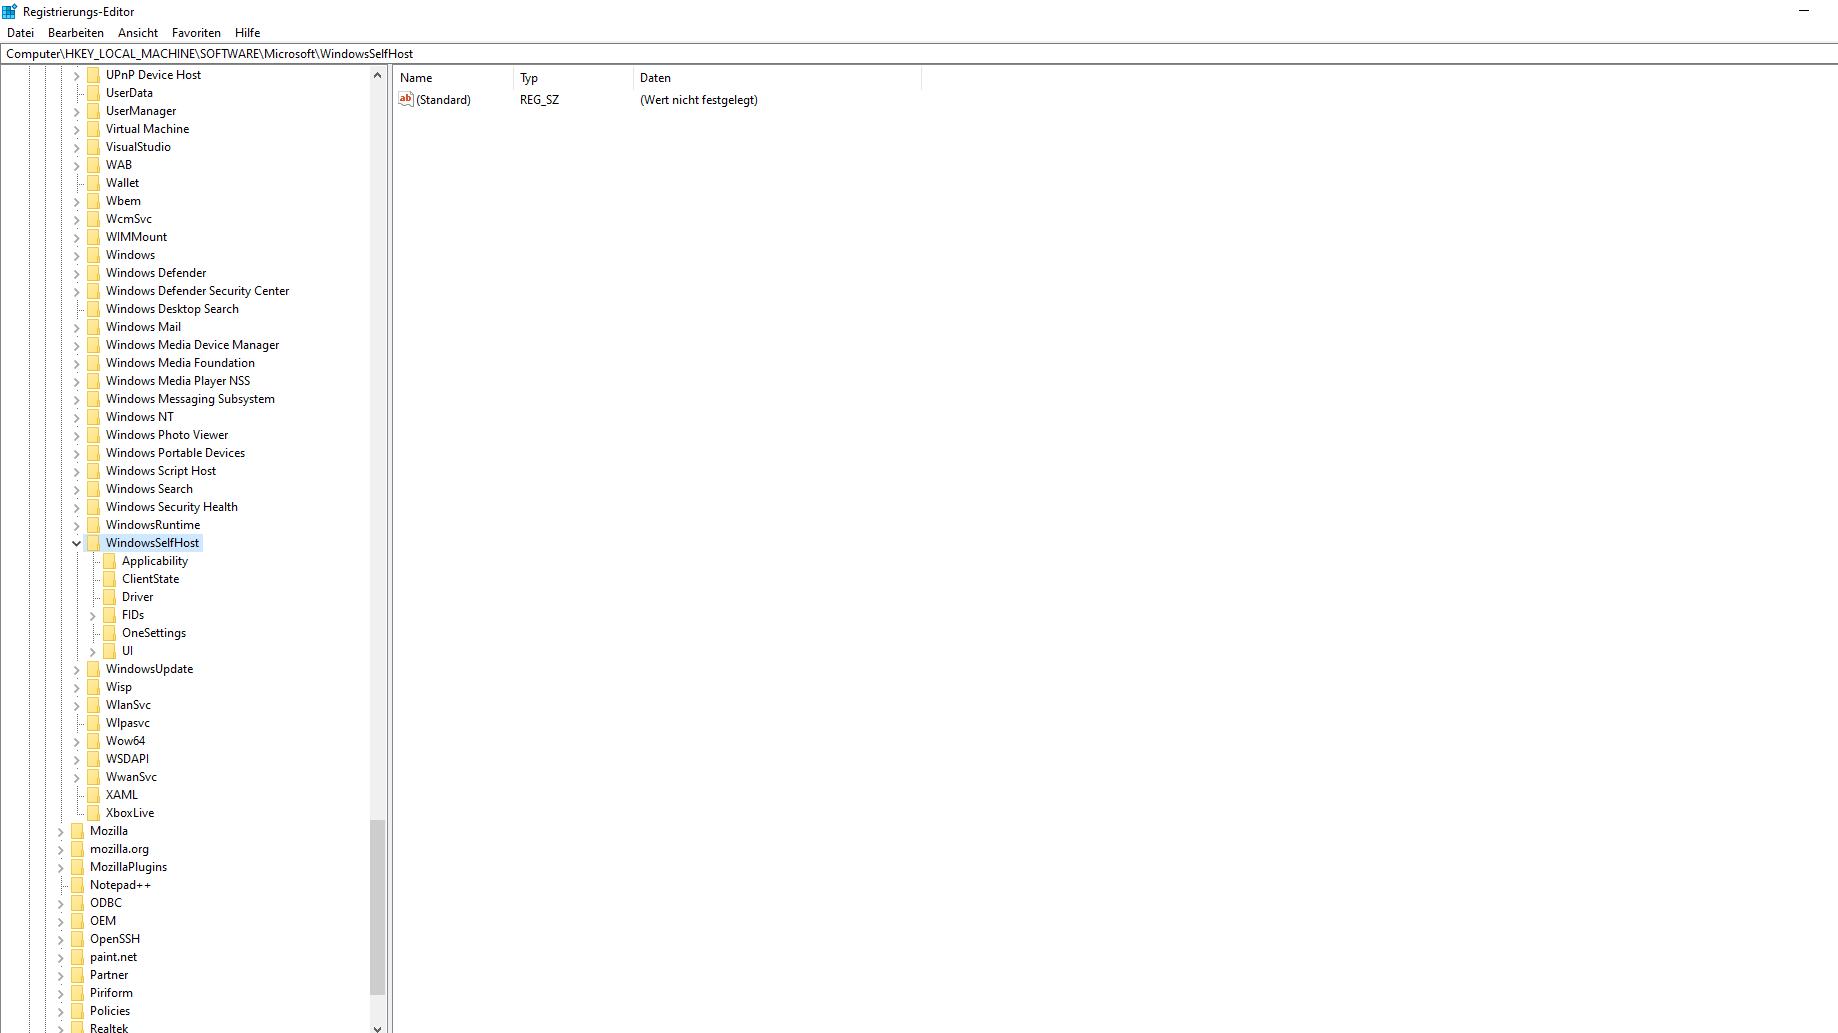 Dieser PC kann Windows 11 nicht ausführen - diese Meldung können Sie durch eine Änderung in der Registry umgehen.